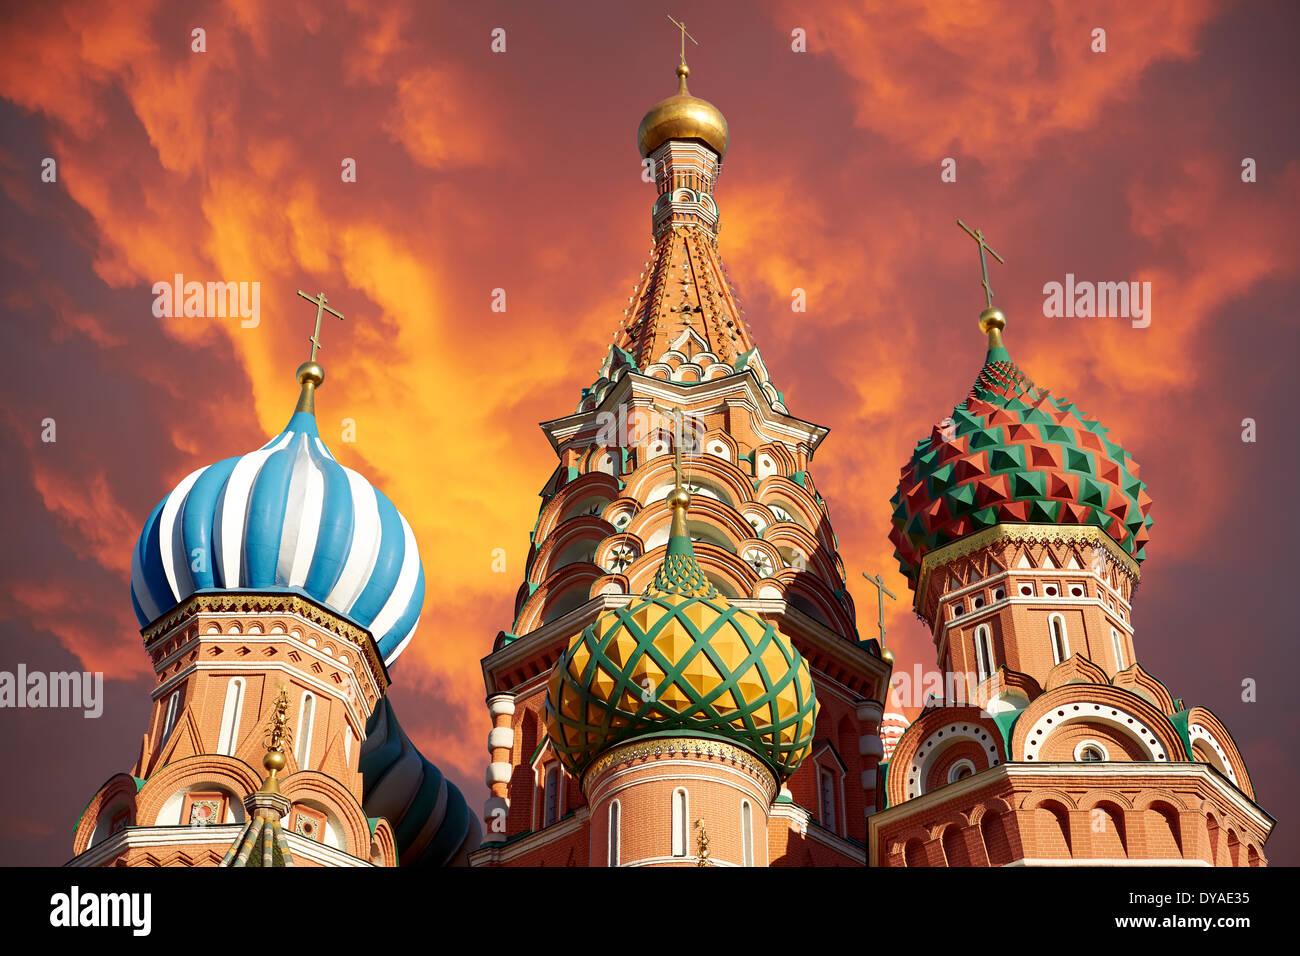 Une vue de la cathédrale Saint-Basile, Russie, Moscou Photo Stock